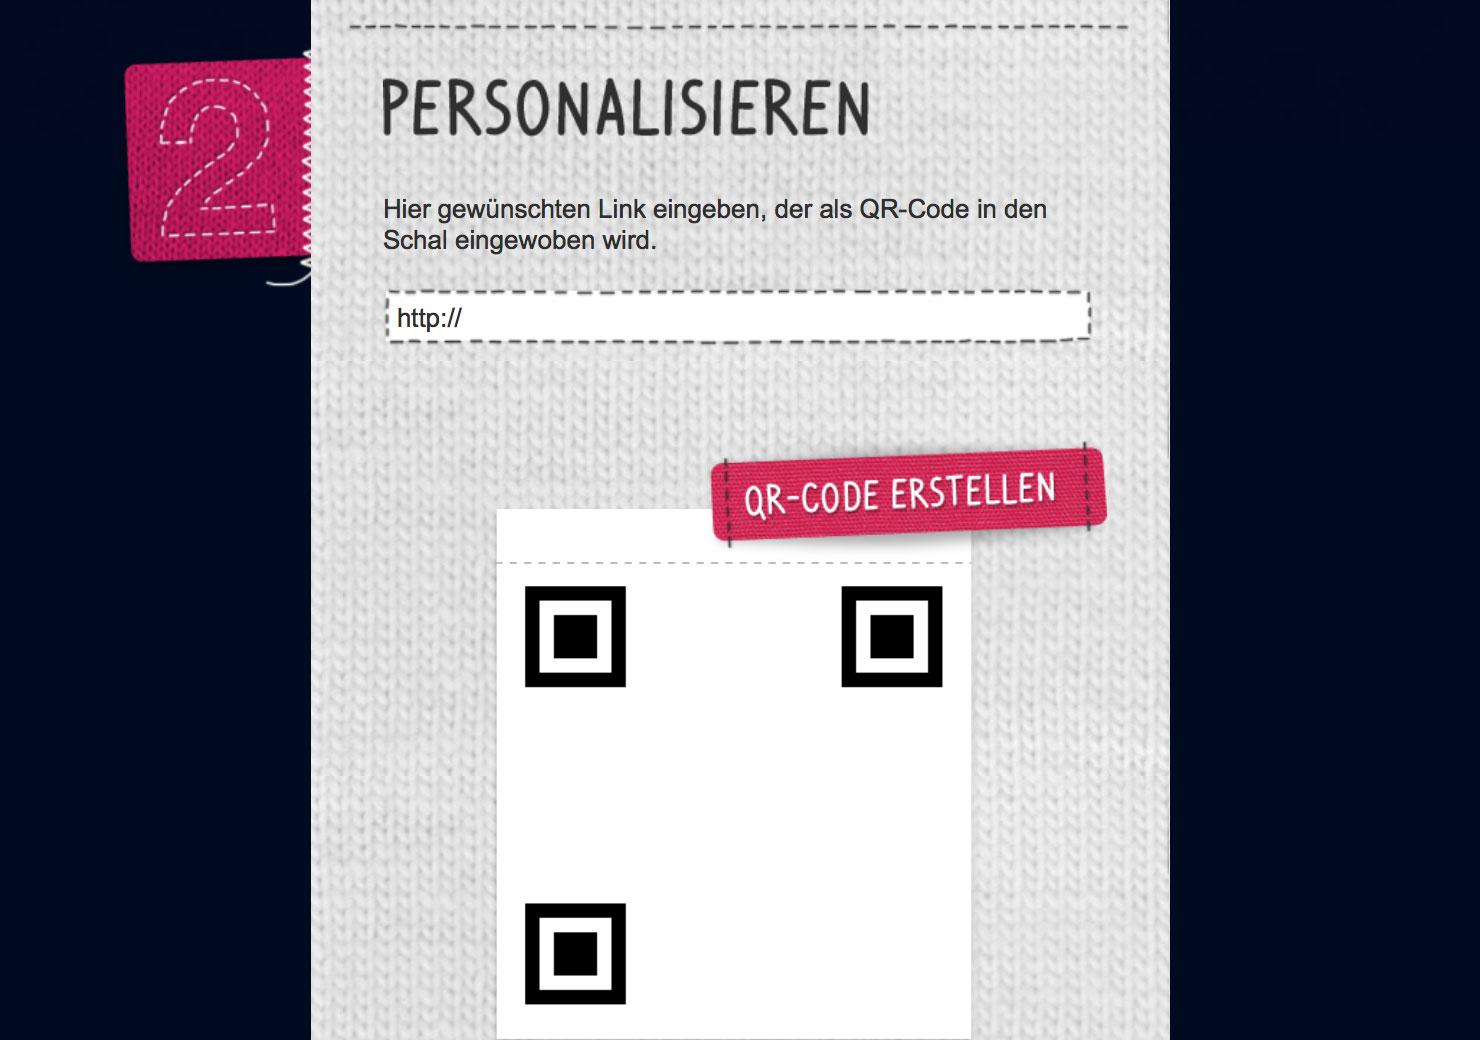 QR Code erstellen für das Weihnachtsgeschenk slide 2